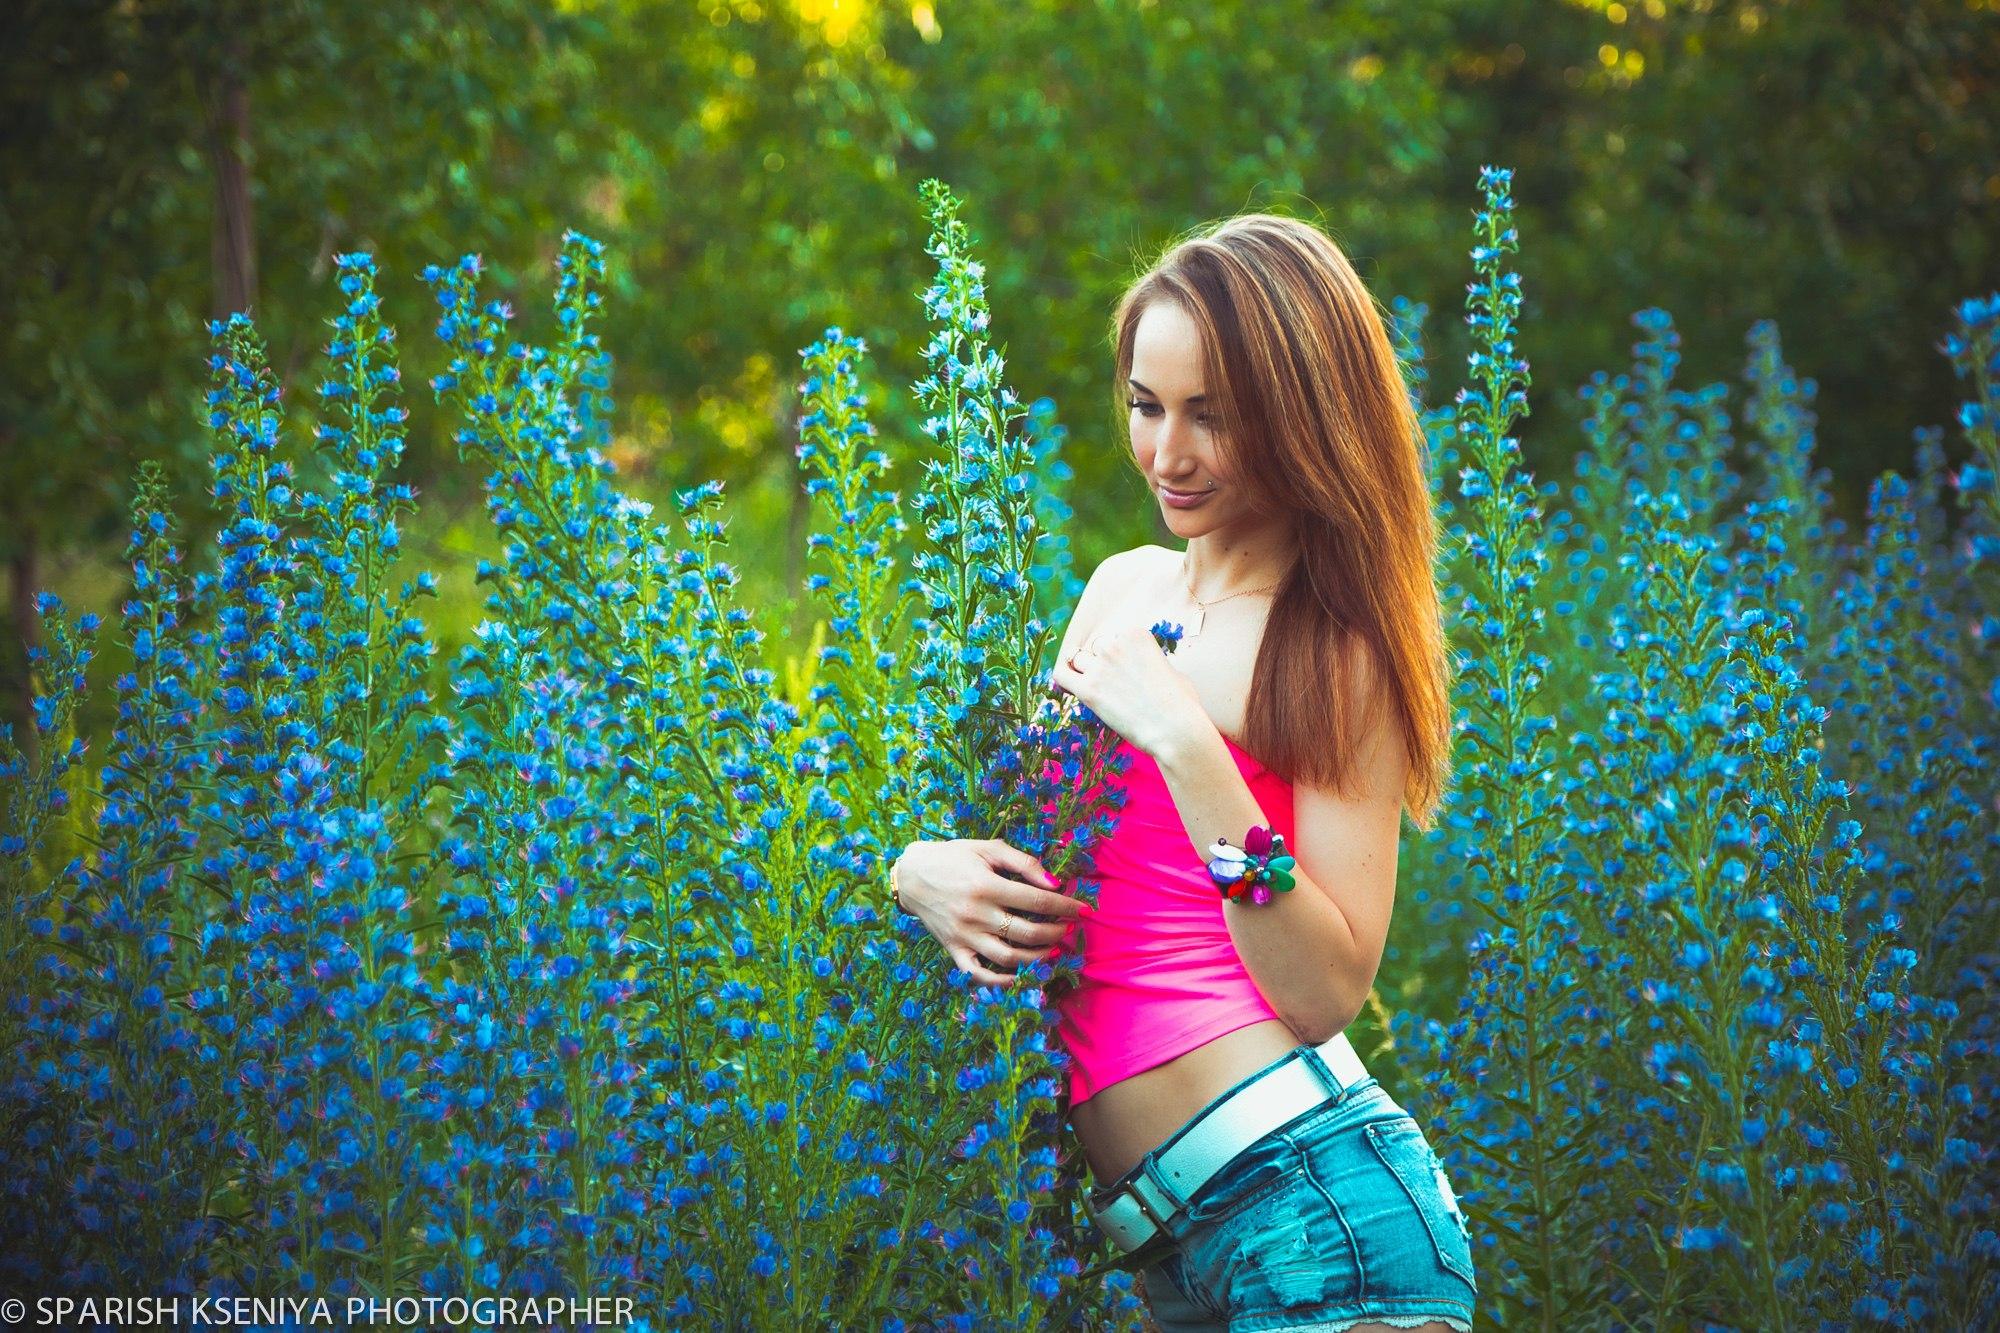 outdoor garden flowers girl beauty